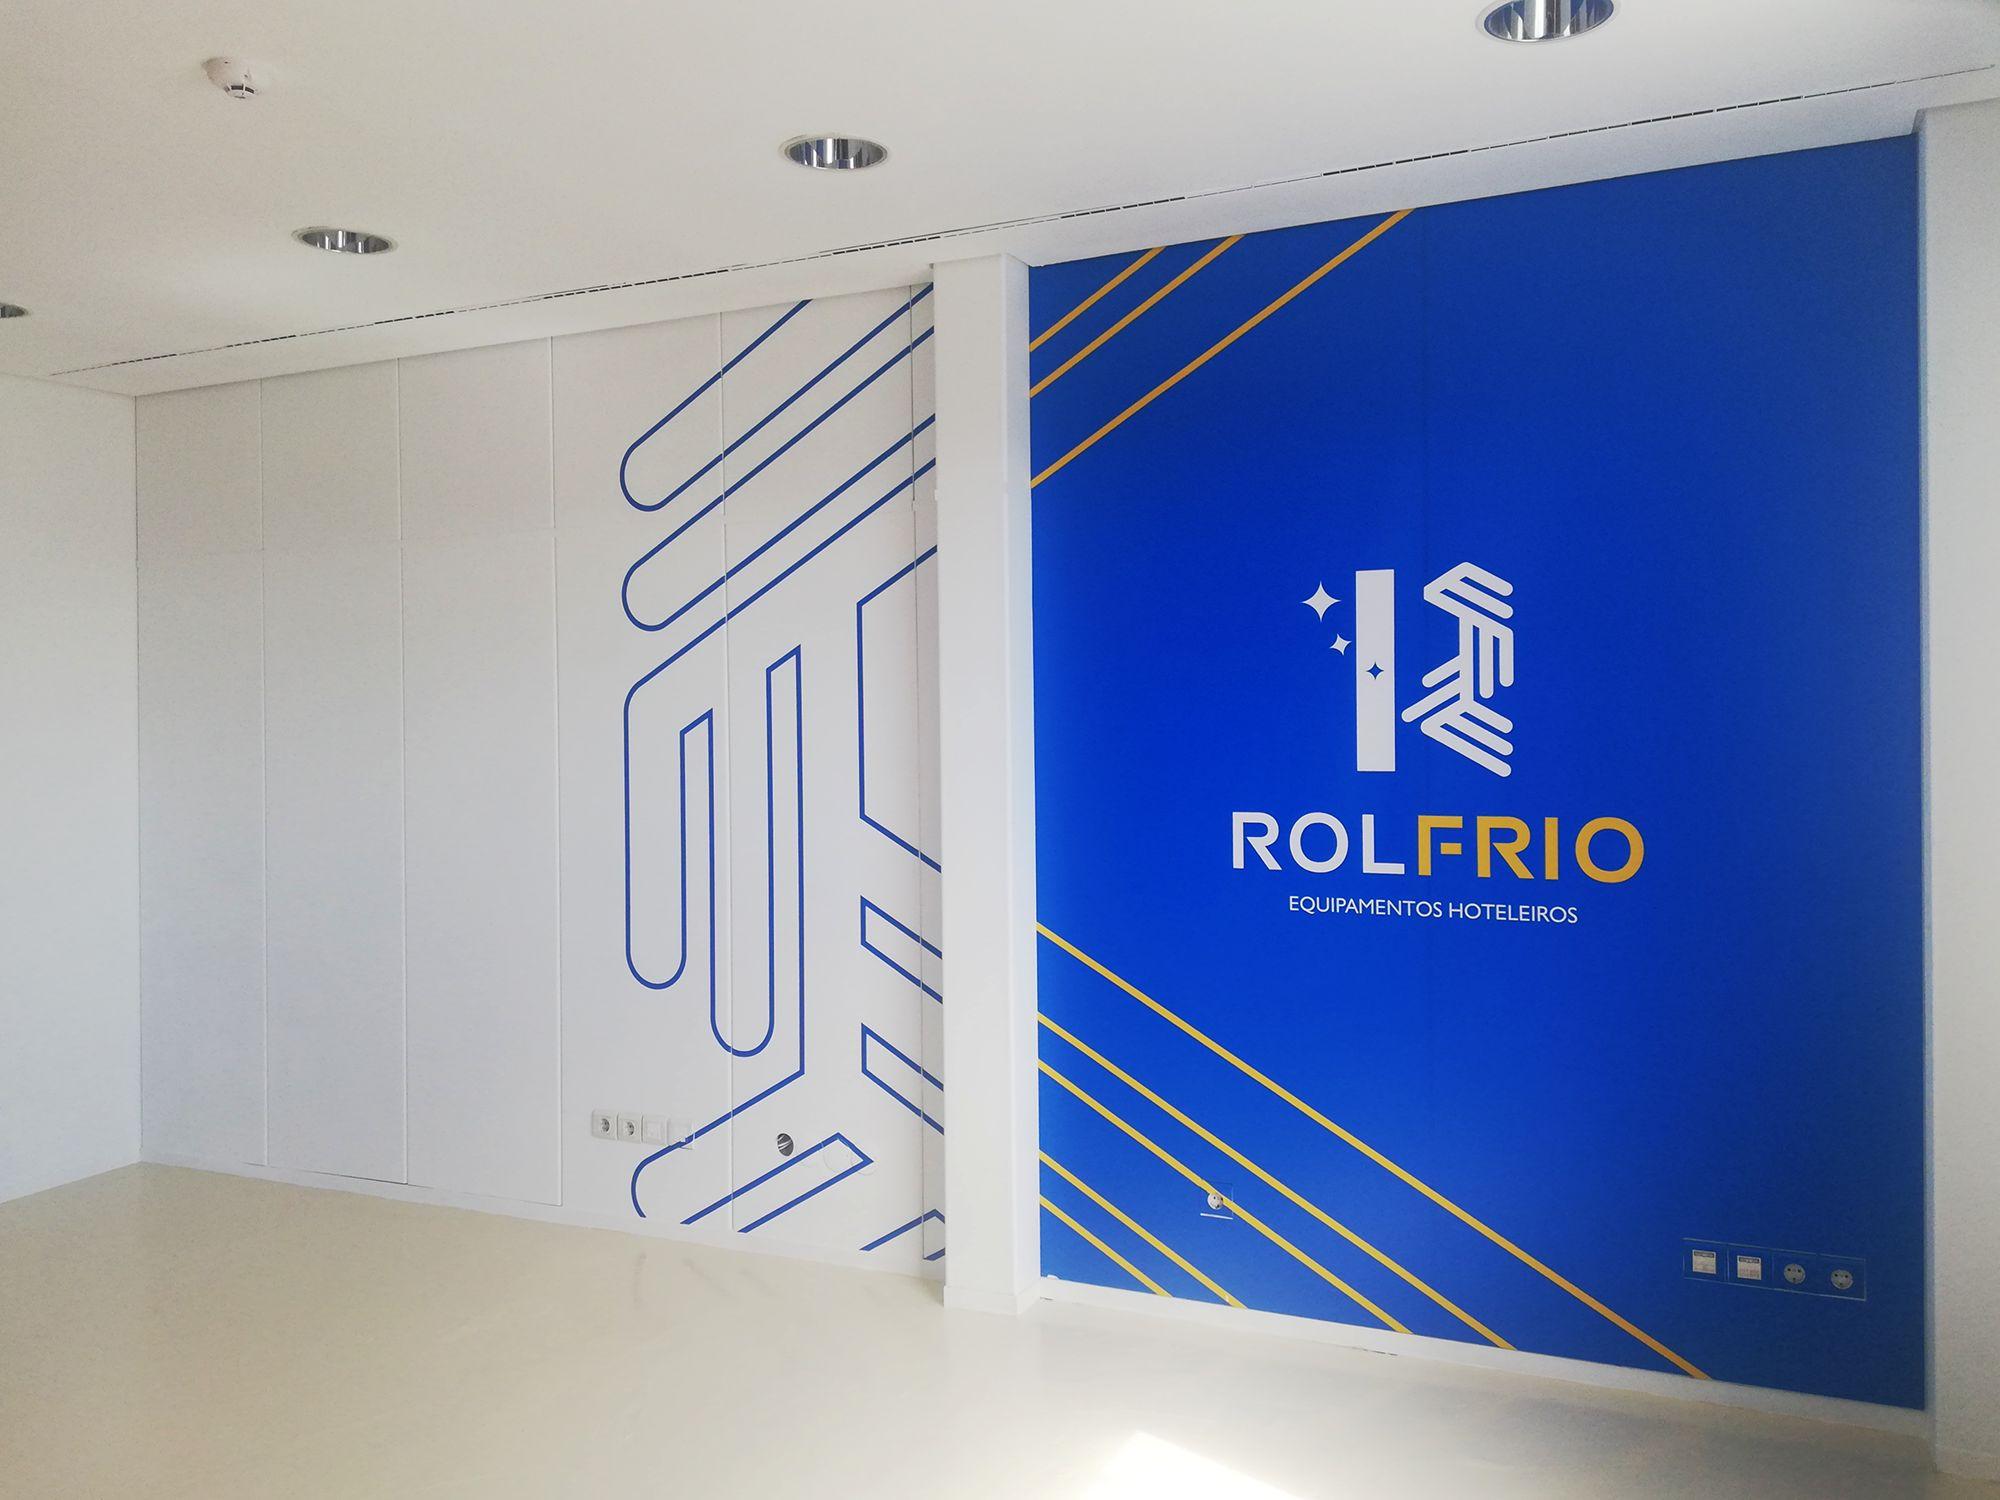 Redesign de uma marca com 25 anos 11 | Hauss - Interior Design e Contract